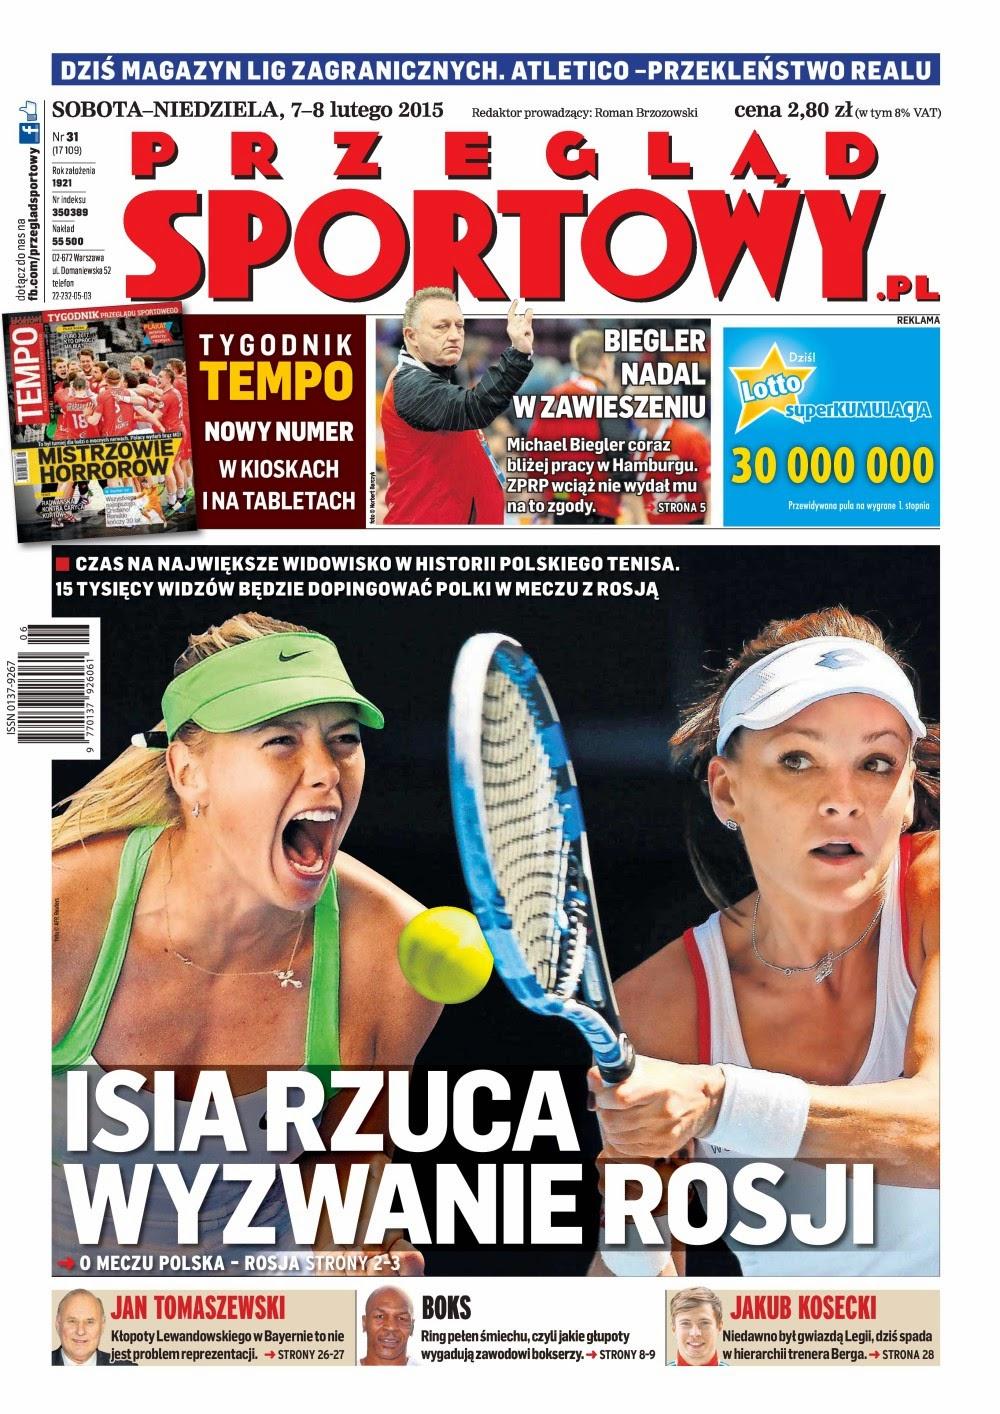 Tennis player: Agnieszka Radwanska, Maria Sharapova - Przegląd Sportowy Poland